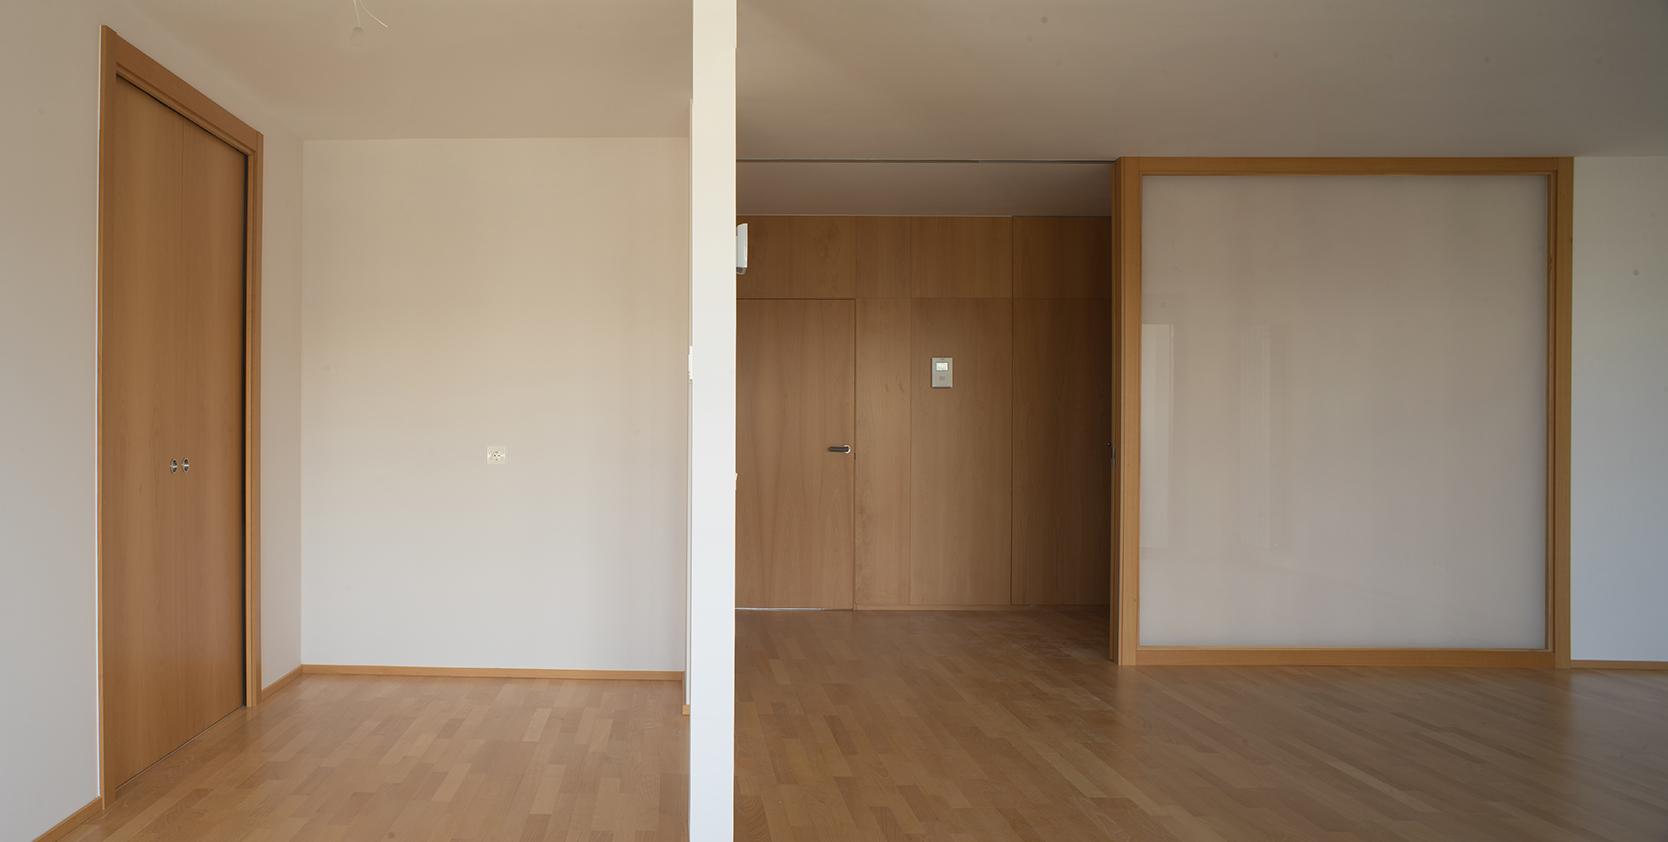 Interiores con acabados de calidad